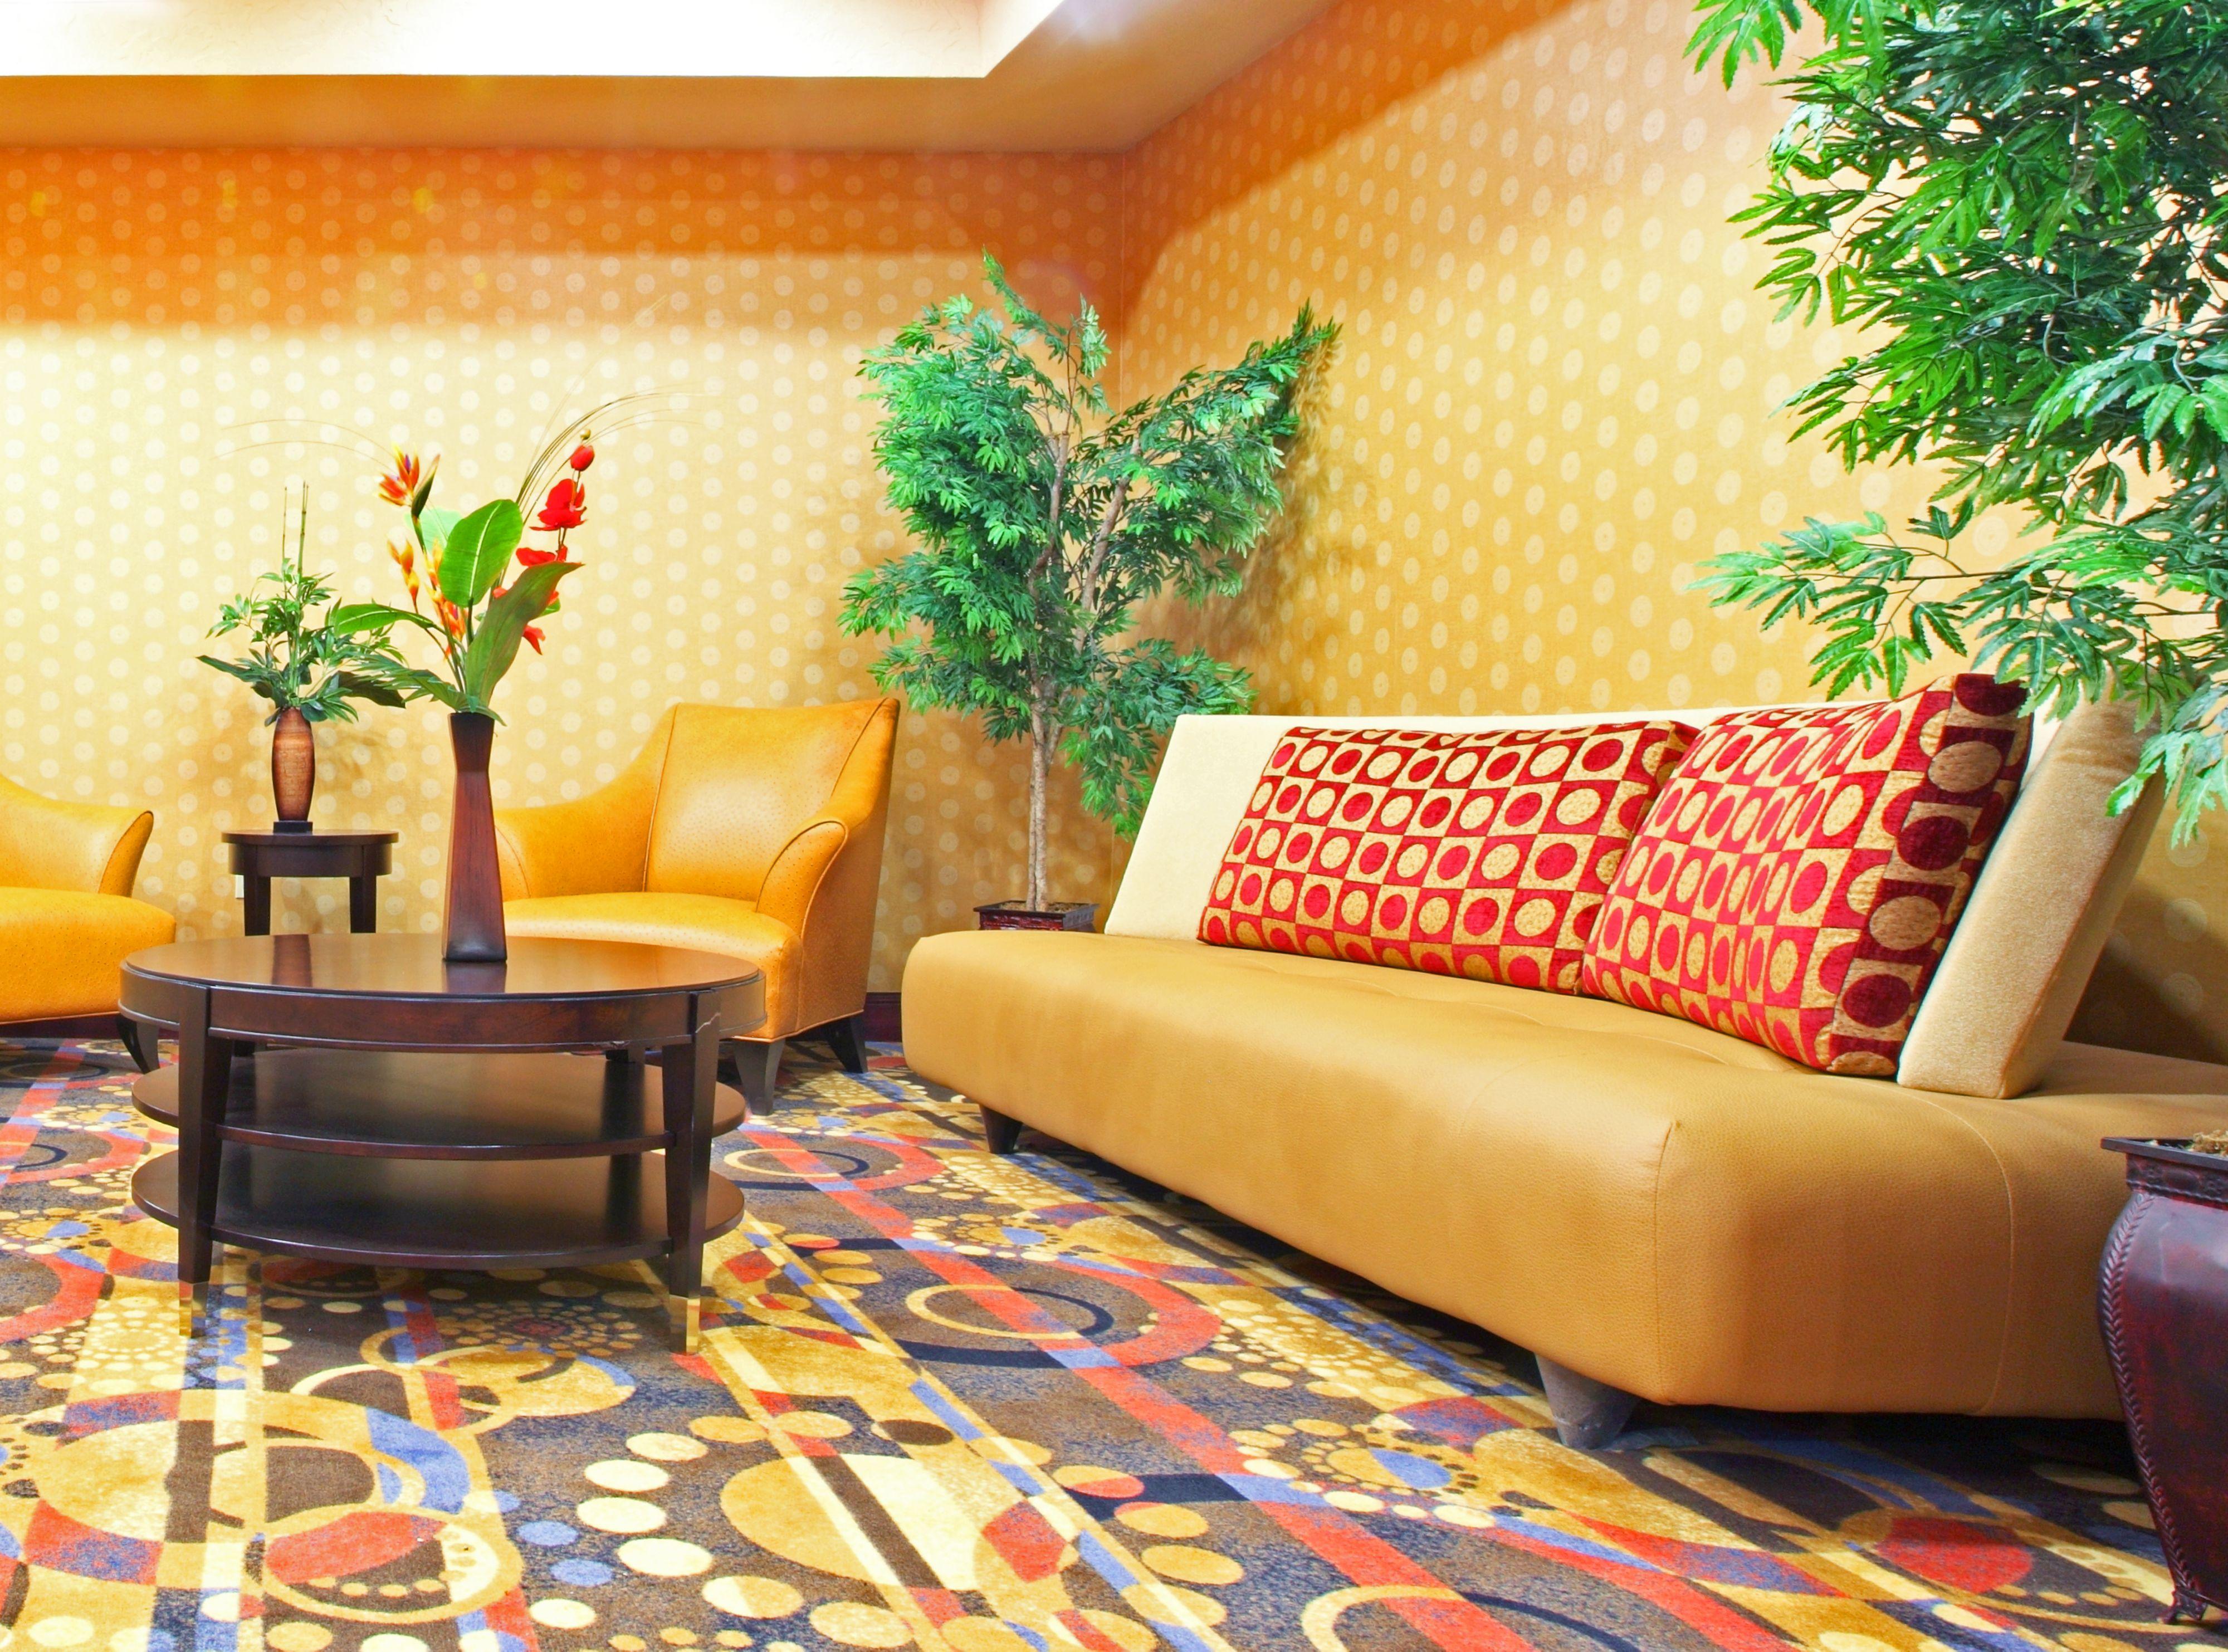 Holiday Inn Express & Suites Van Buren-Ft Smith Area image 4